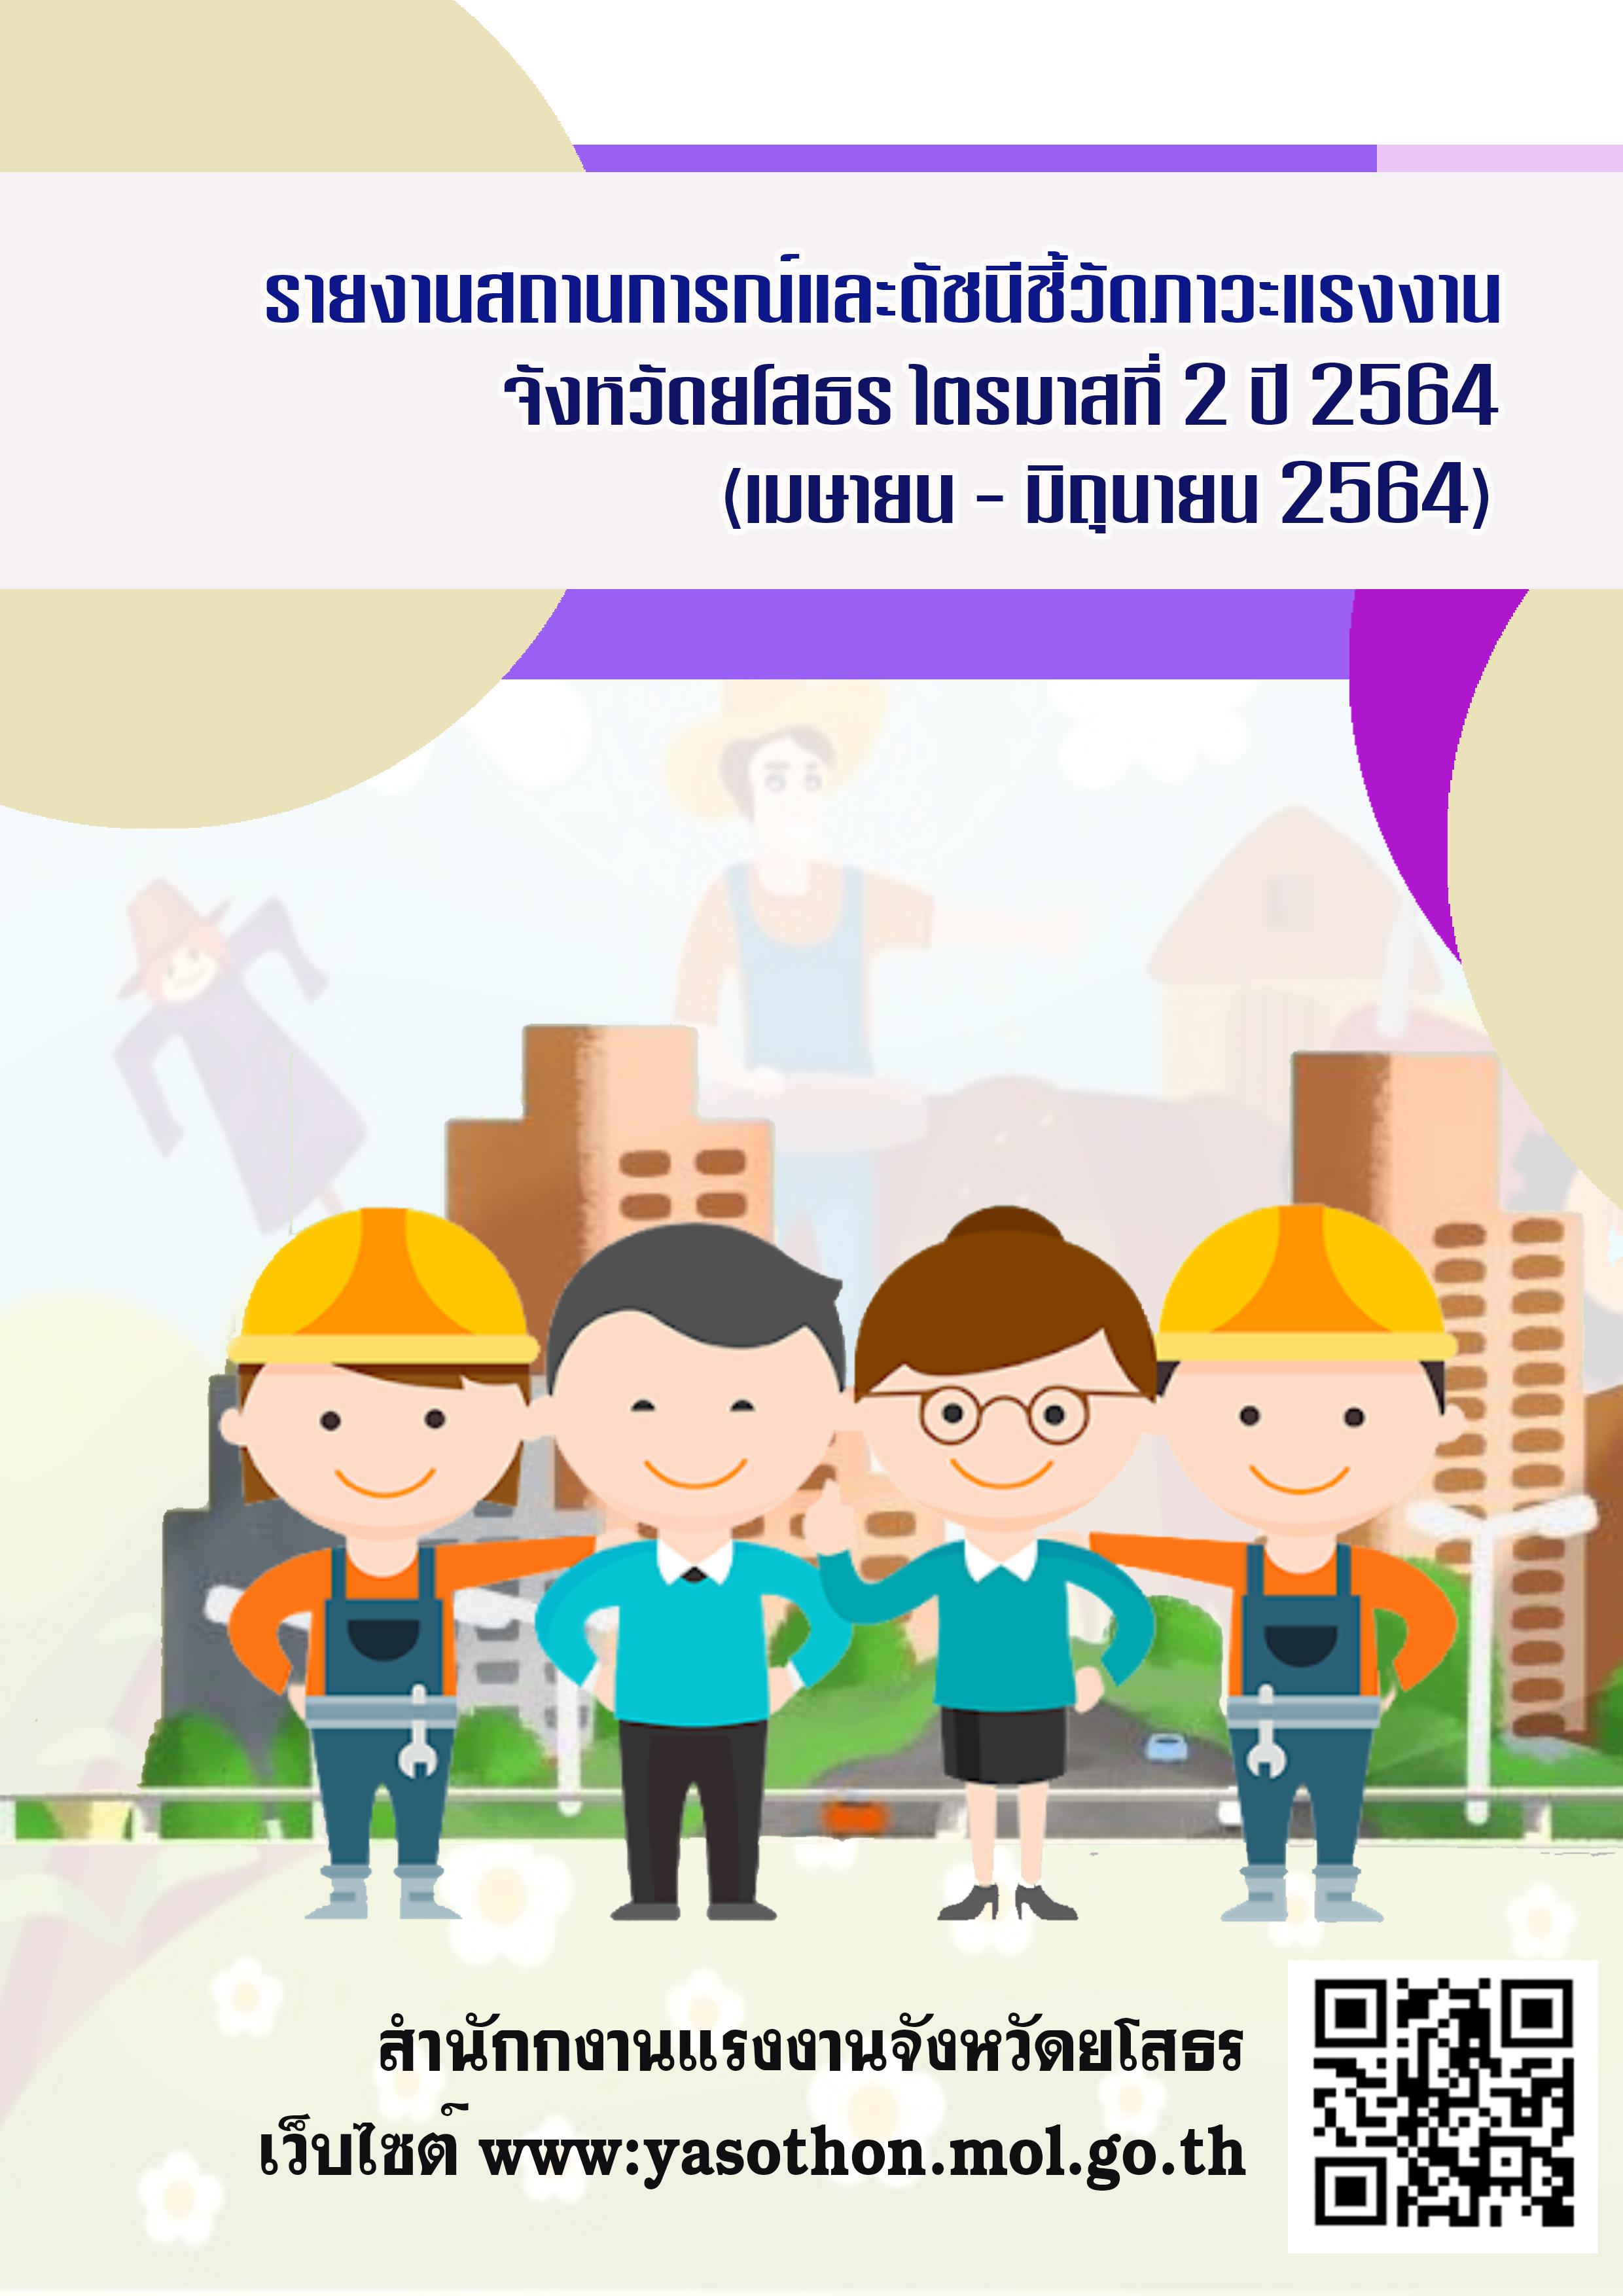 รายงานสถานการณ์แรงงานและดัชนีชี้วัดภาวะแรงงานจังหวัดยโสธร ไตรมาสที่ 2 ปี 2564 (เมษายน-มิถุนายน 2564)